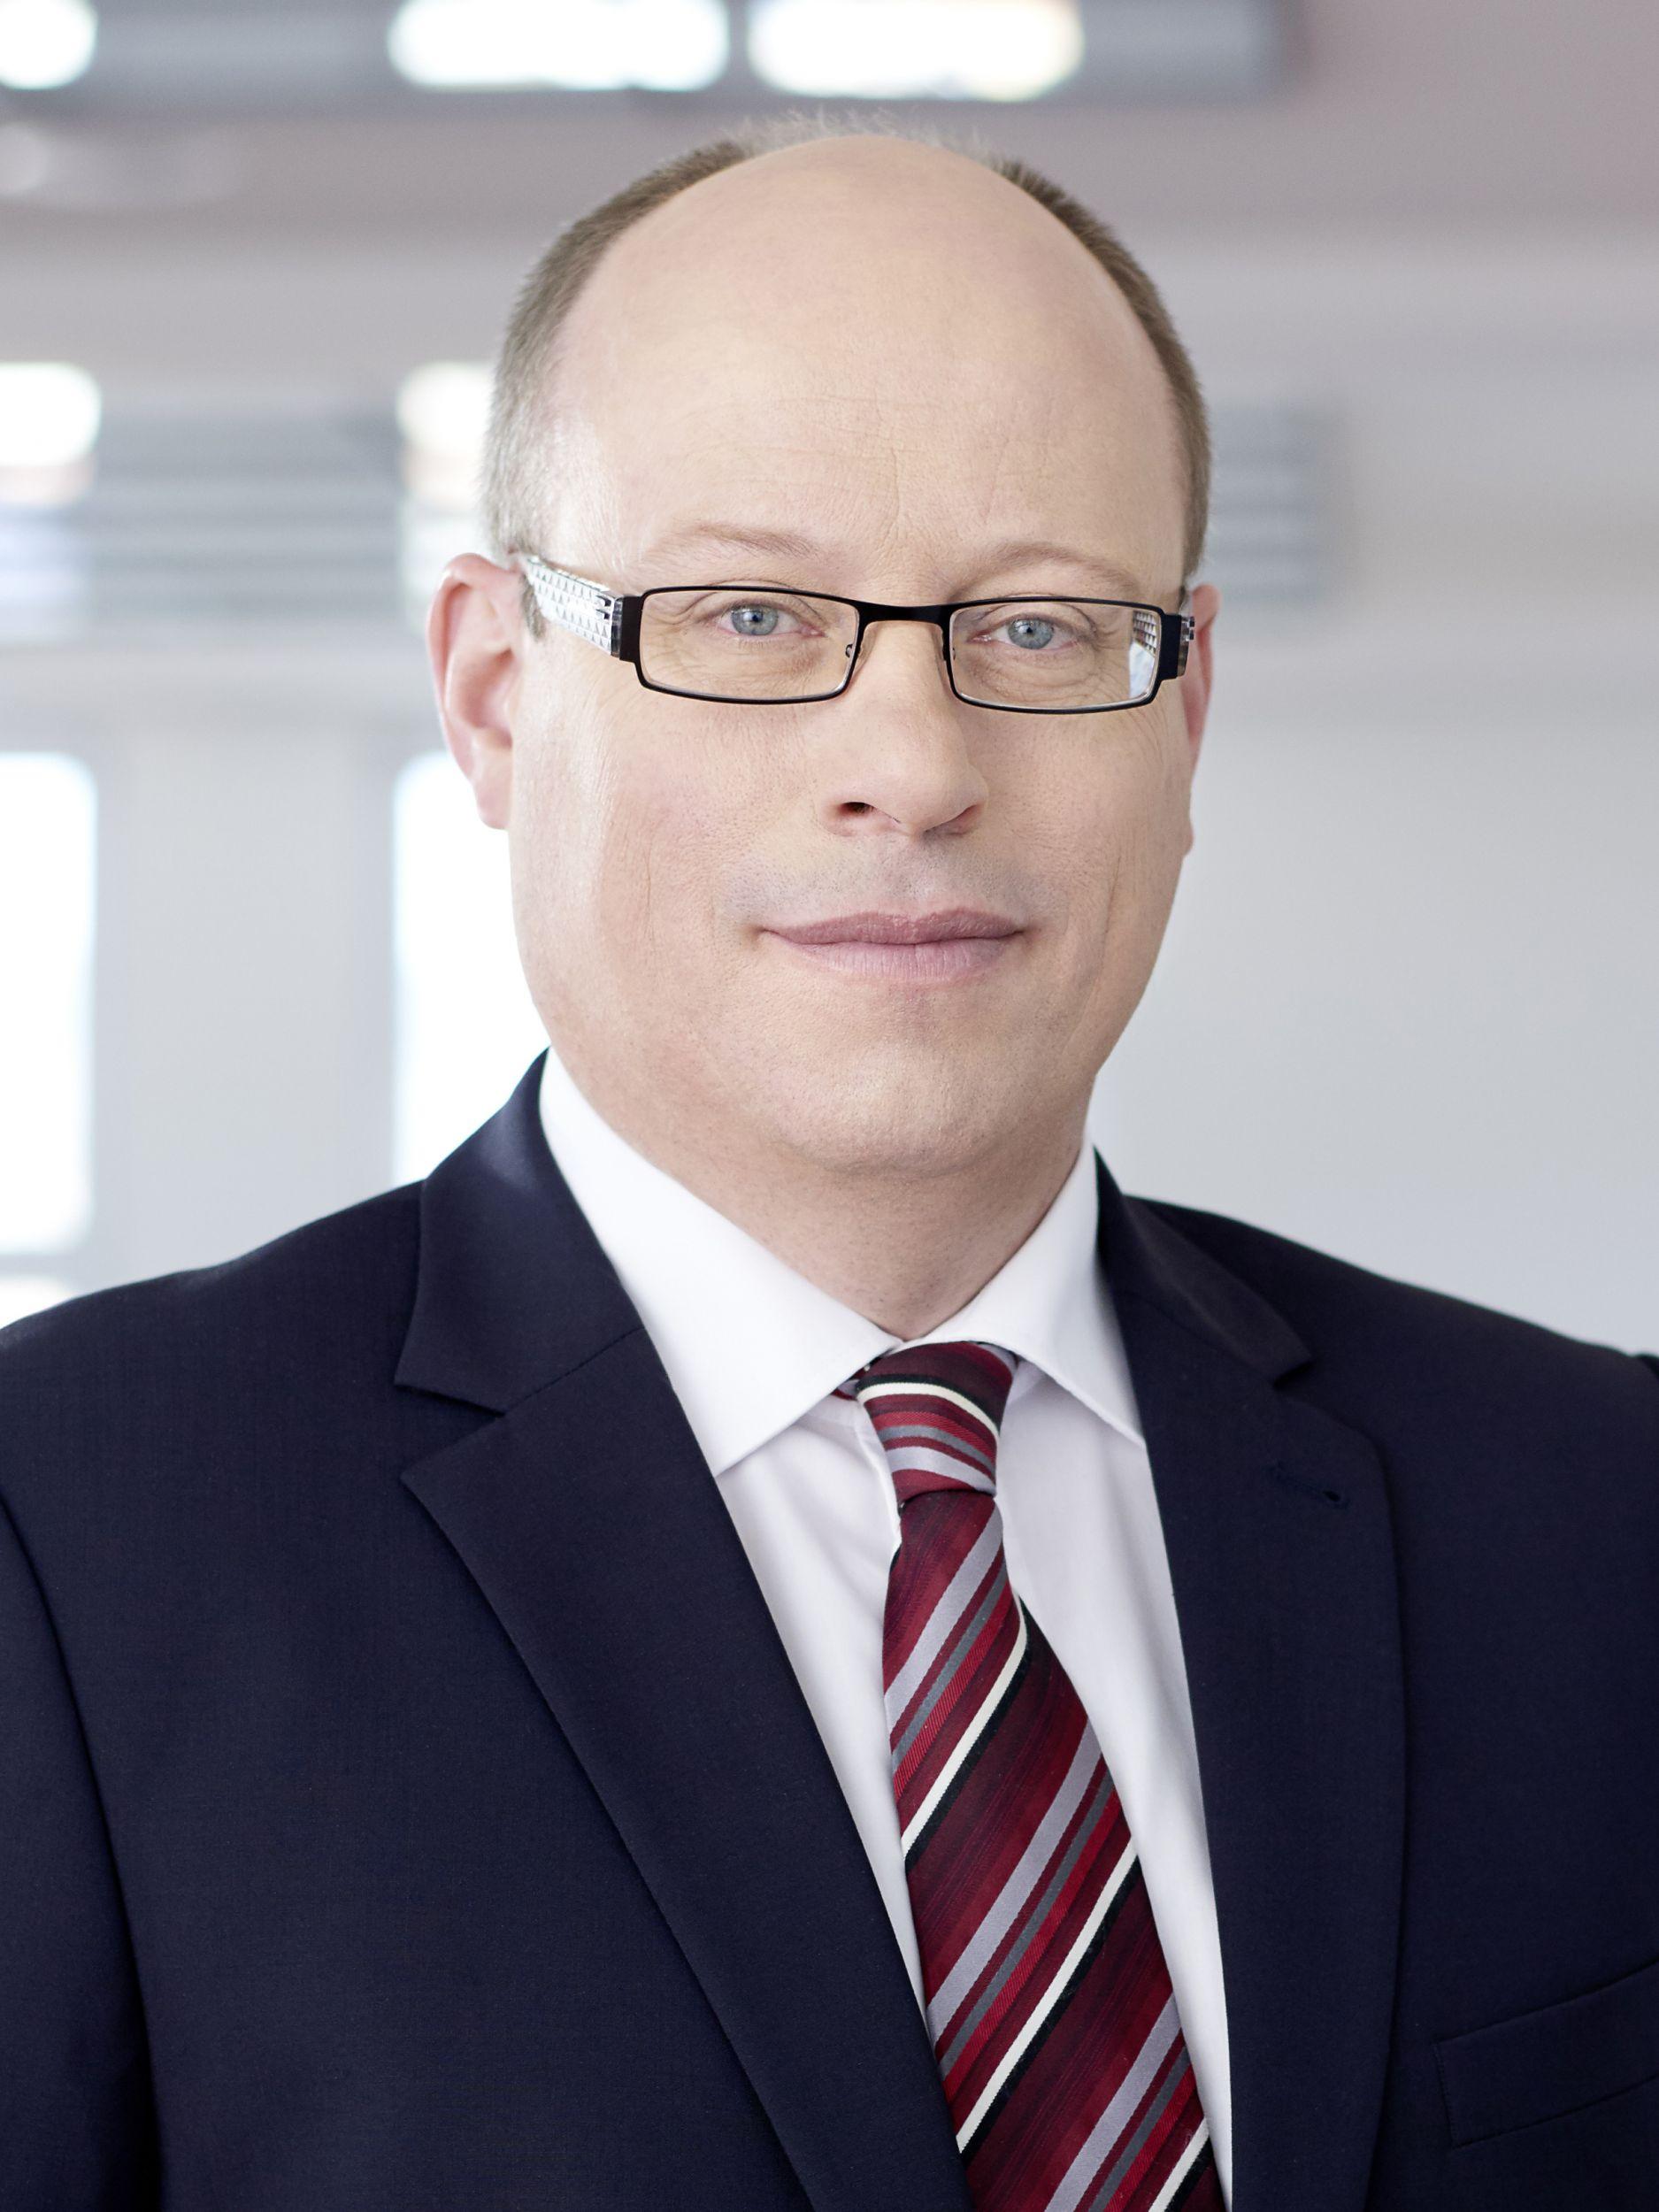 Jenoptik verlängert CFO-Vorstandsvertrag